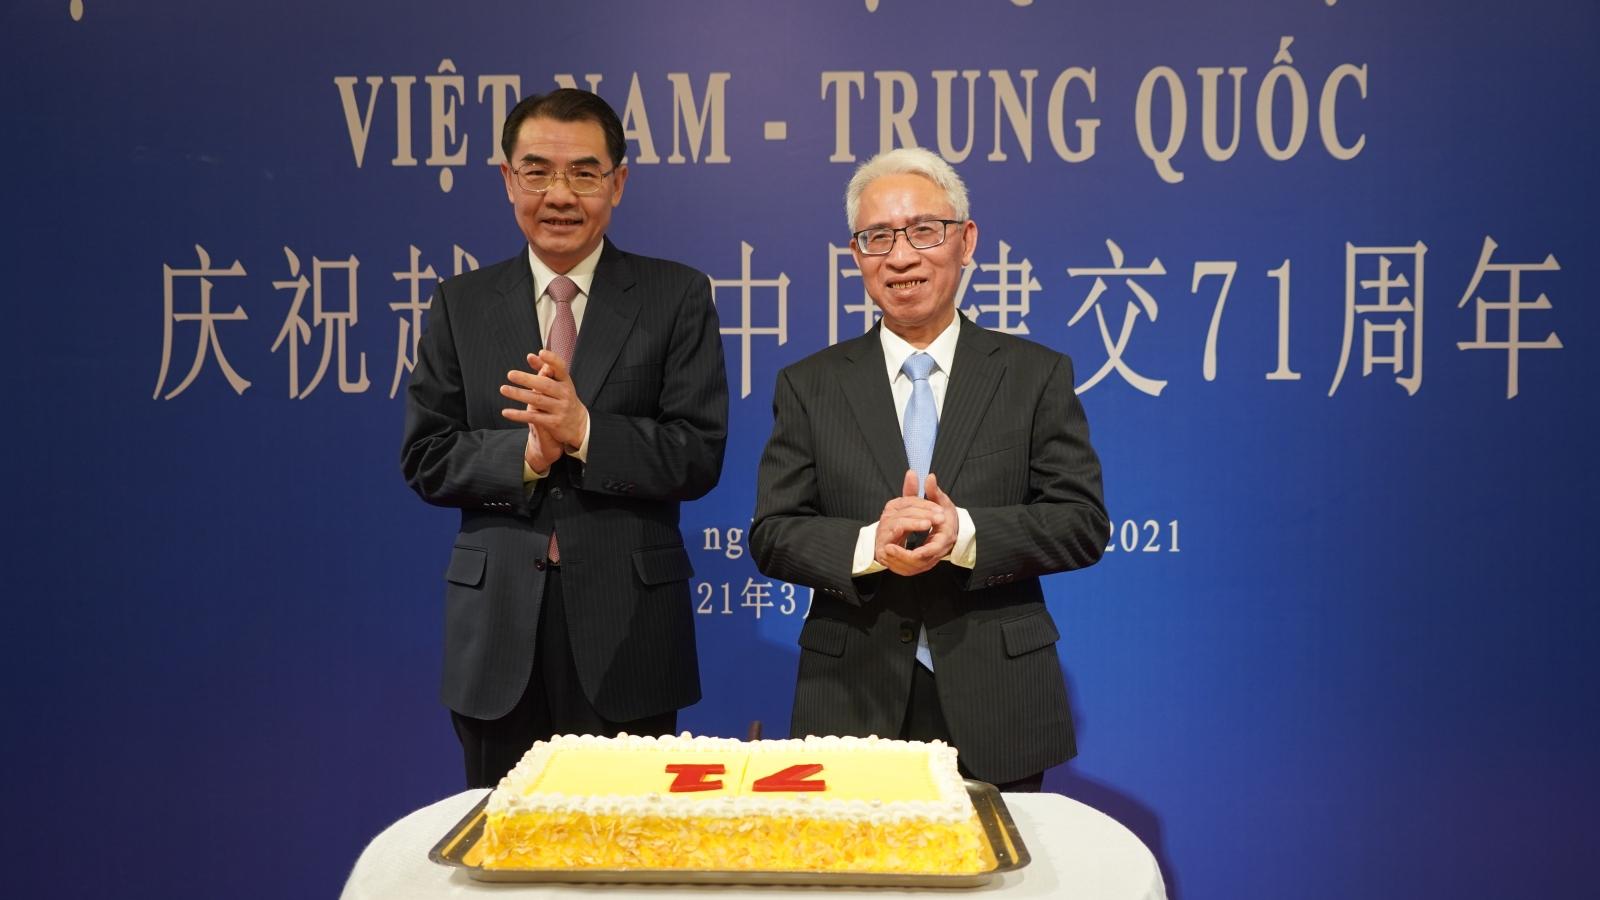 Kỷ niệm 71 năm thiết lập quan hệ ngoại giao Việt Nam - Trung Quốc